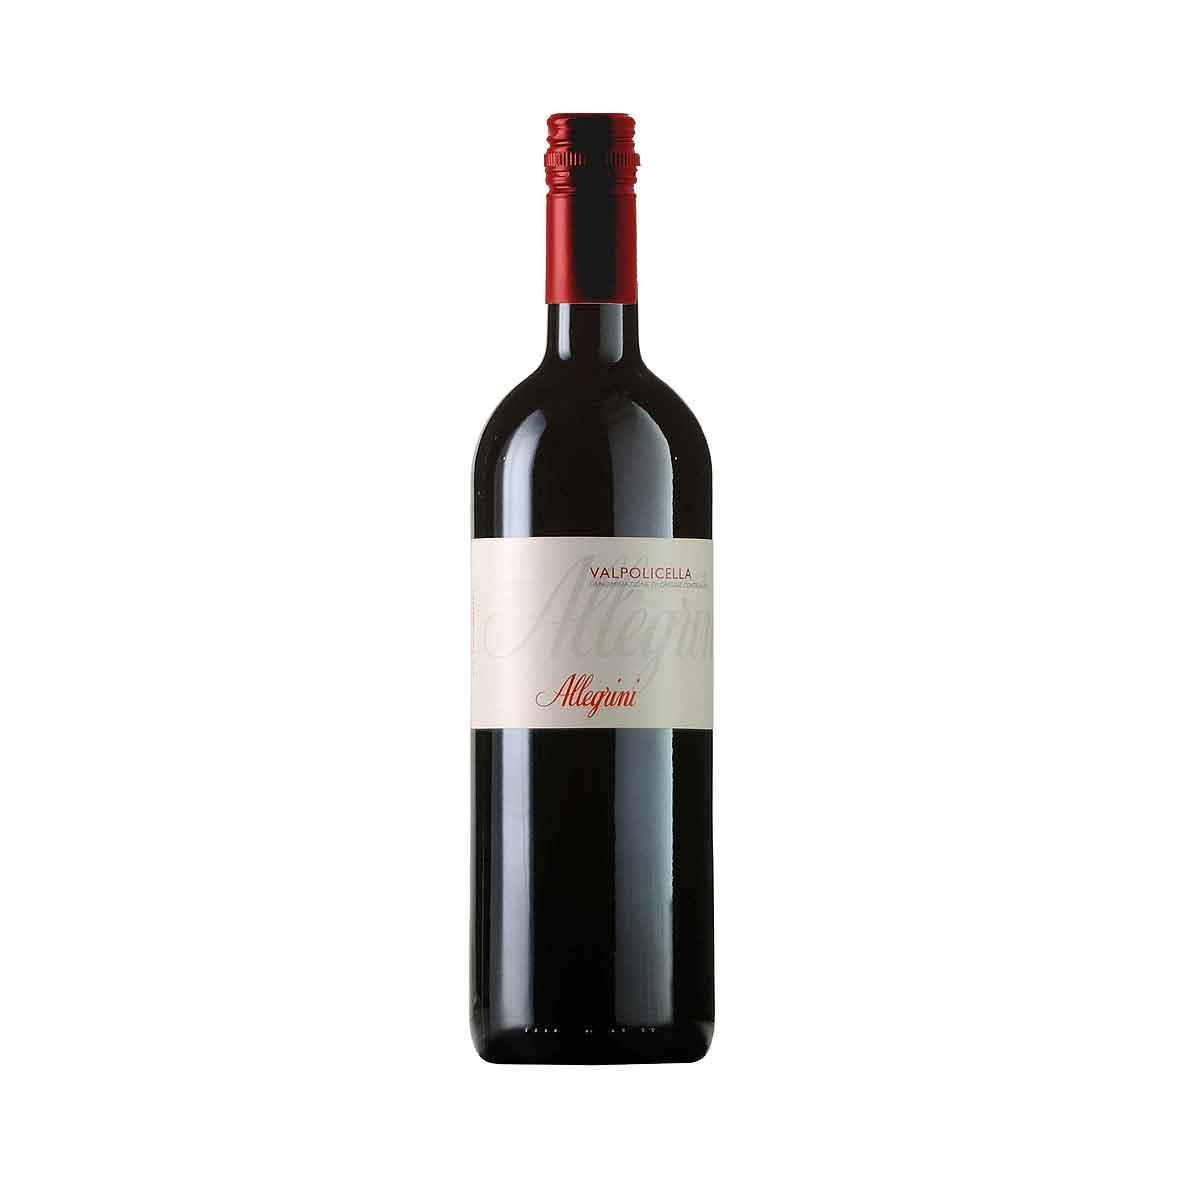 Valpolicella Classico Allegrini, Vini Rossi - Privilege Wine